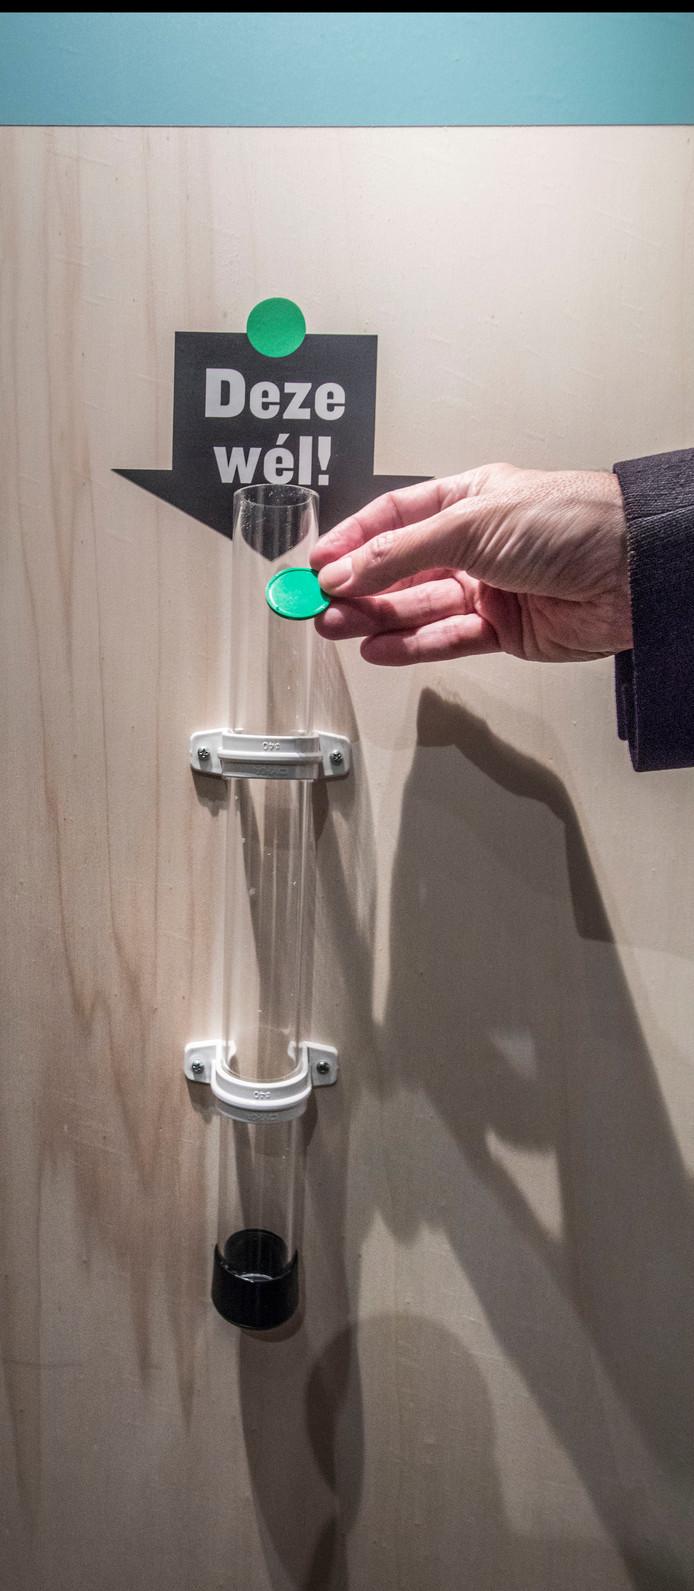 Met muntjes kunnen bezoekers aangeven welke projecten zij wel graag in Den Haag hadden gezien.